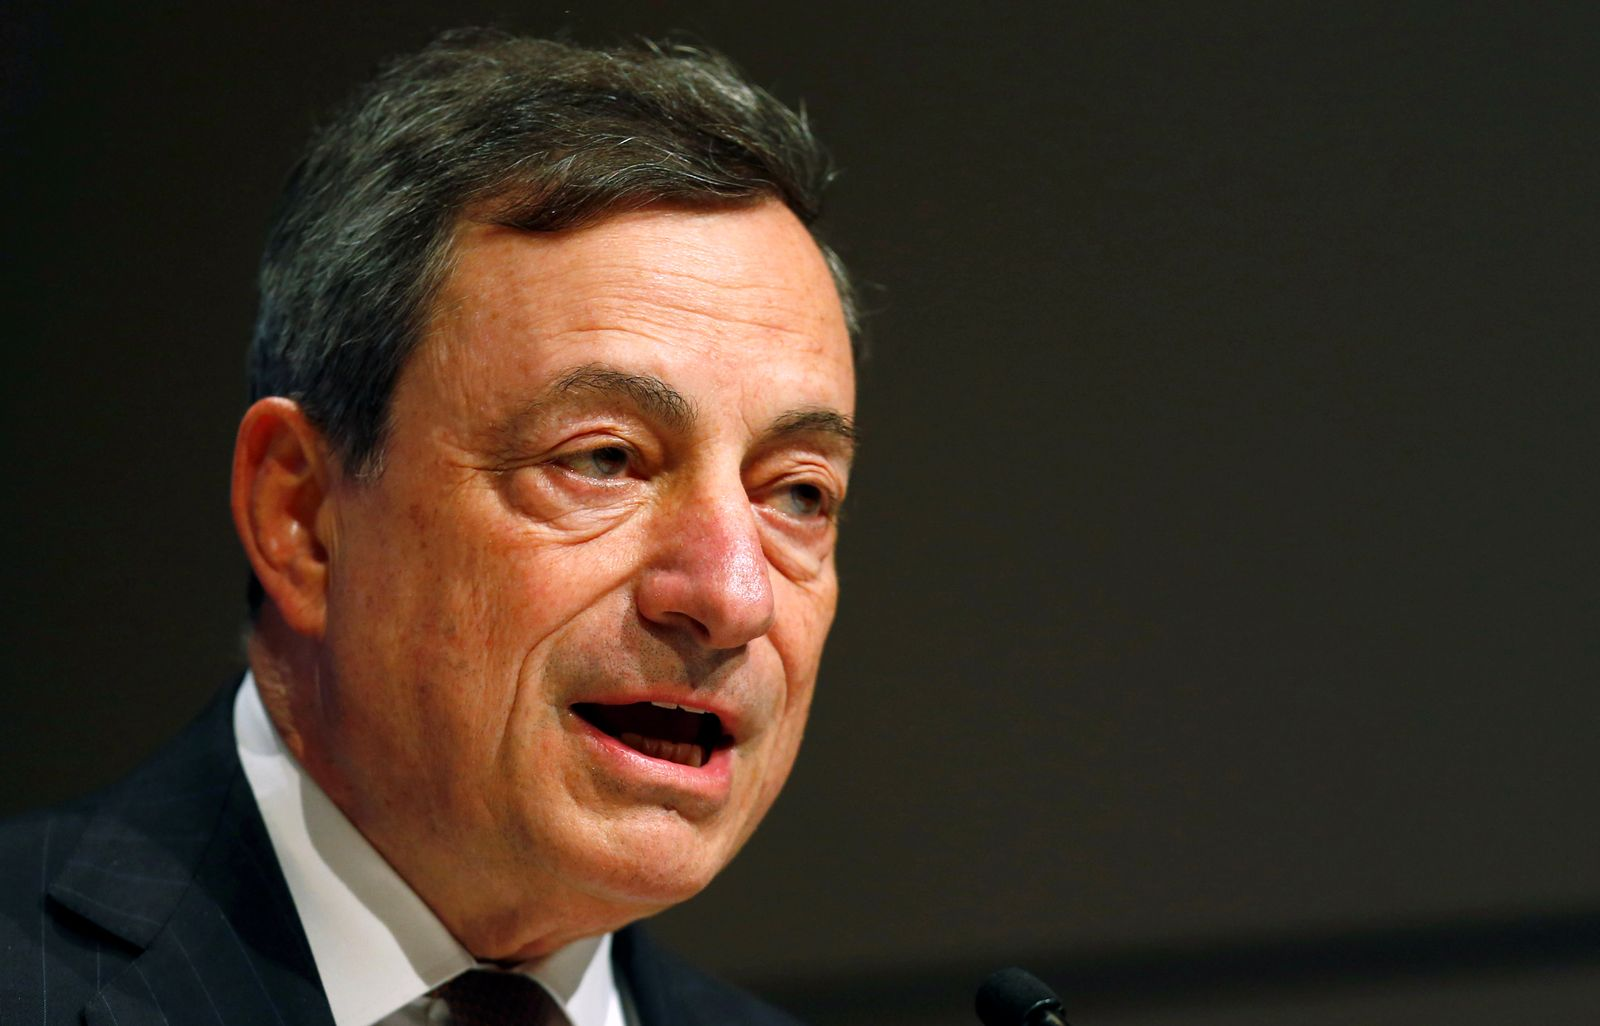 Draghi / EZB